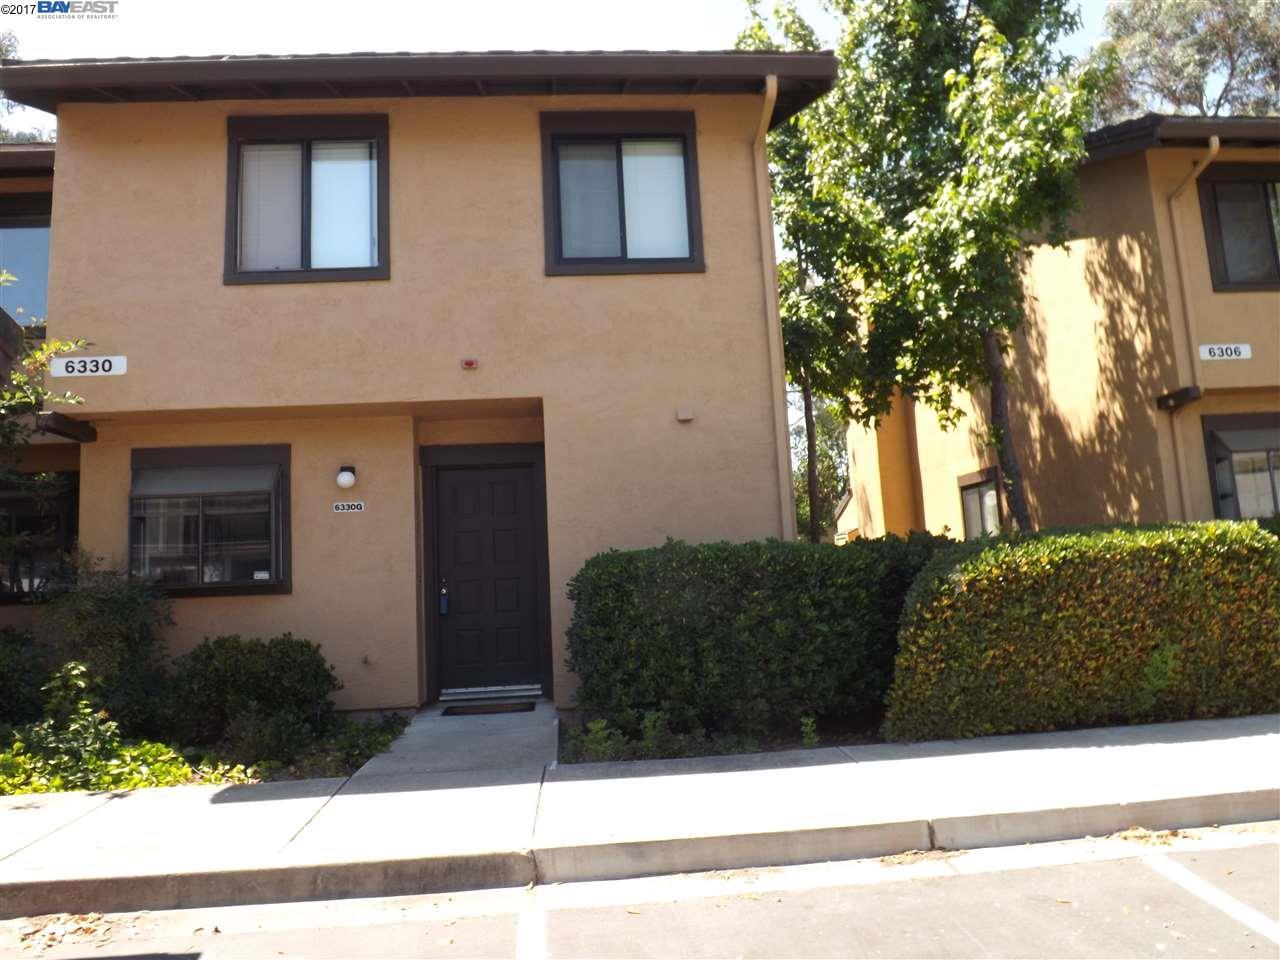 6330 Joaquin Murieta Avenue, NEWARK, CA 94560